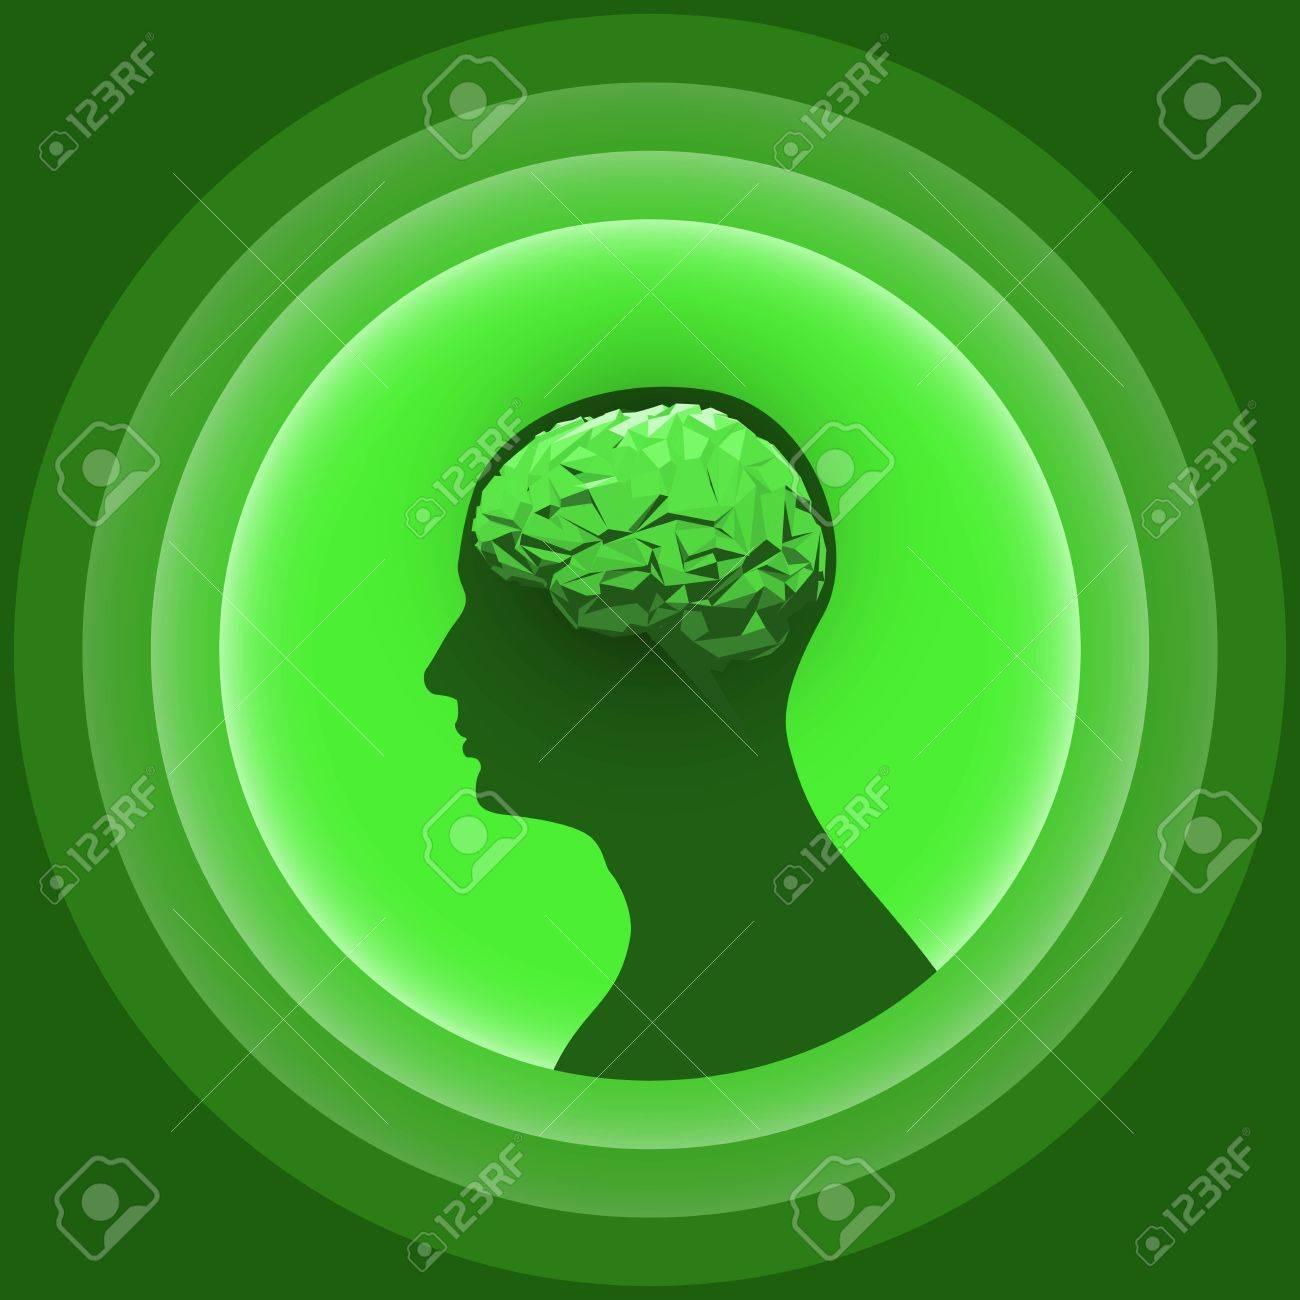 Schattenbild Des Menschlichen Kopfes Mit Glühendem Gehirn ...